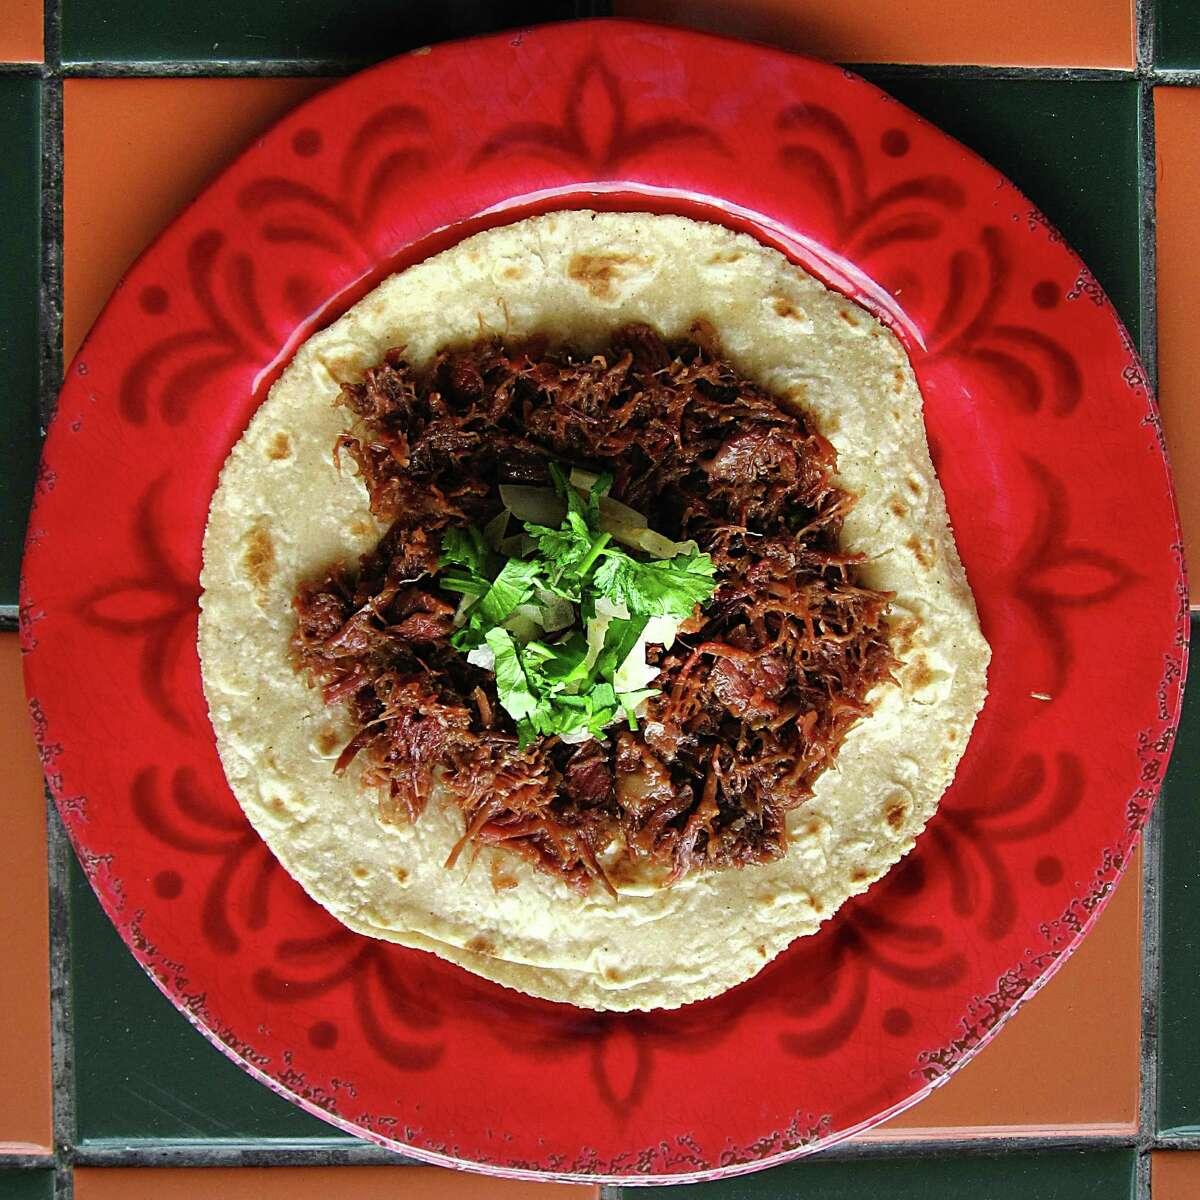 A barbacoa taco on a handmade corn tortilla from El Milagrito Cafe.